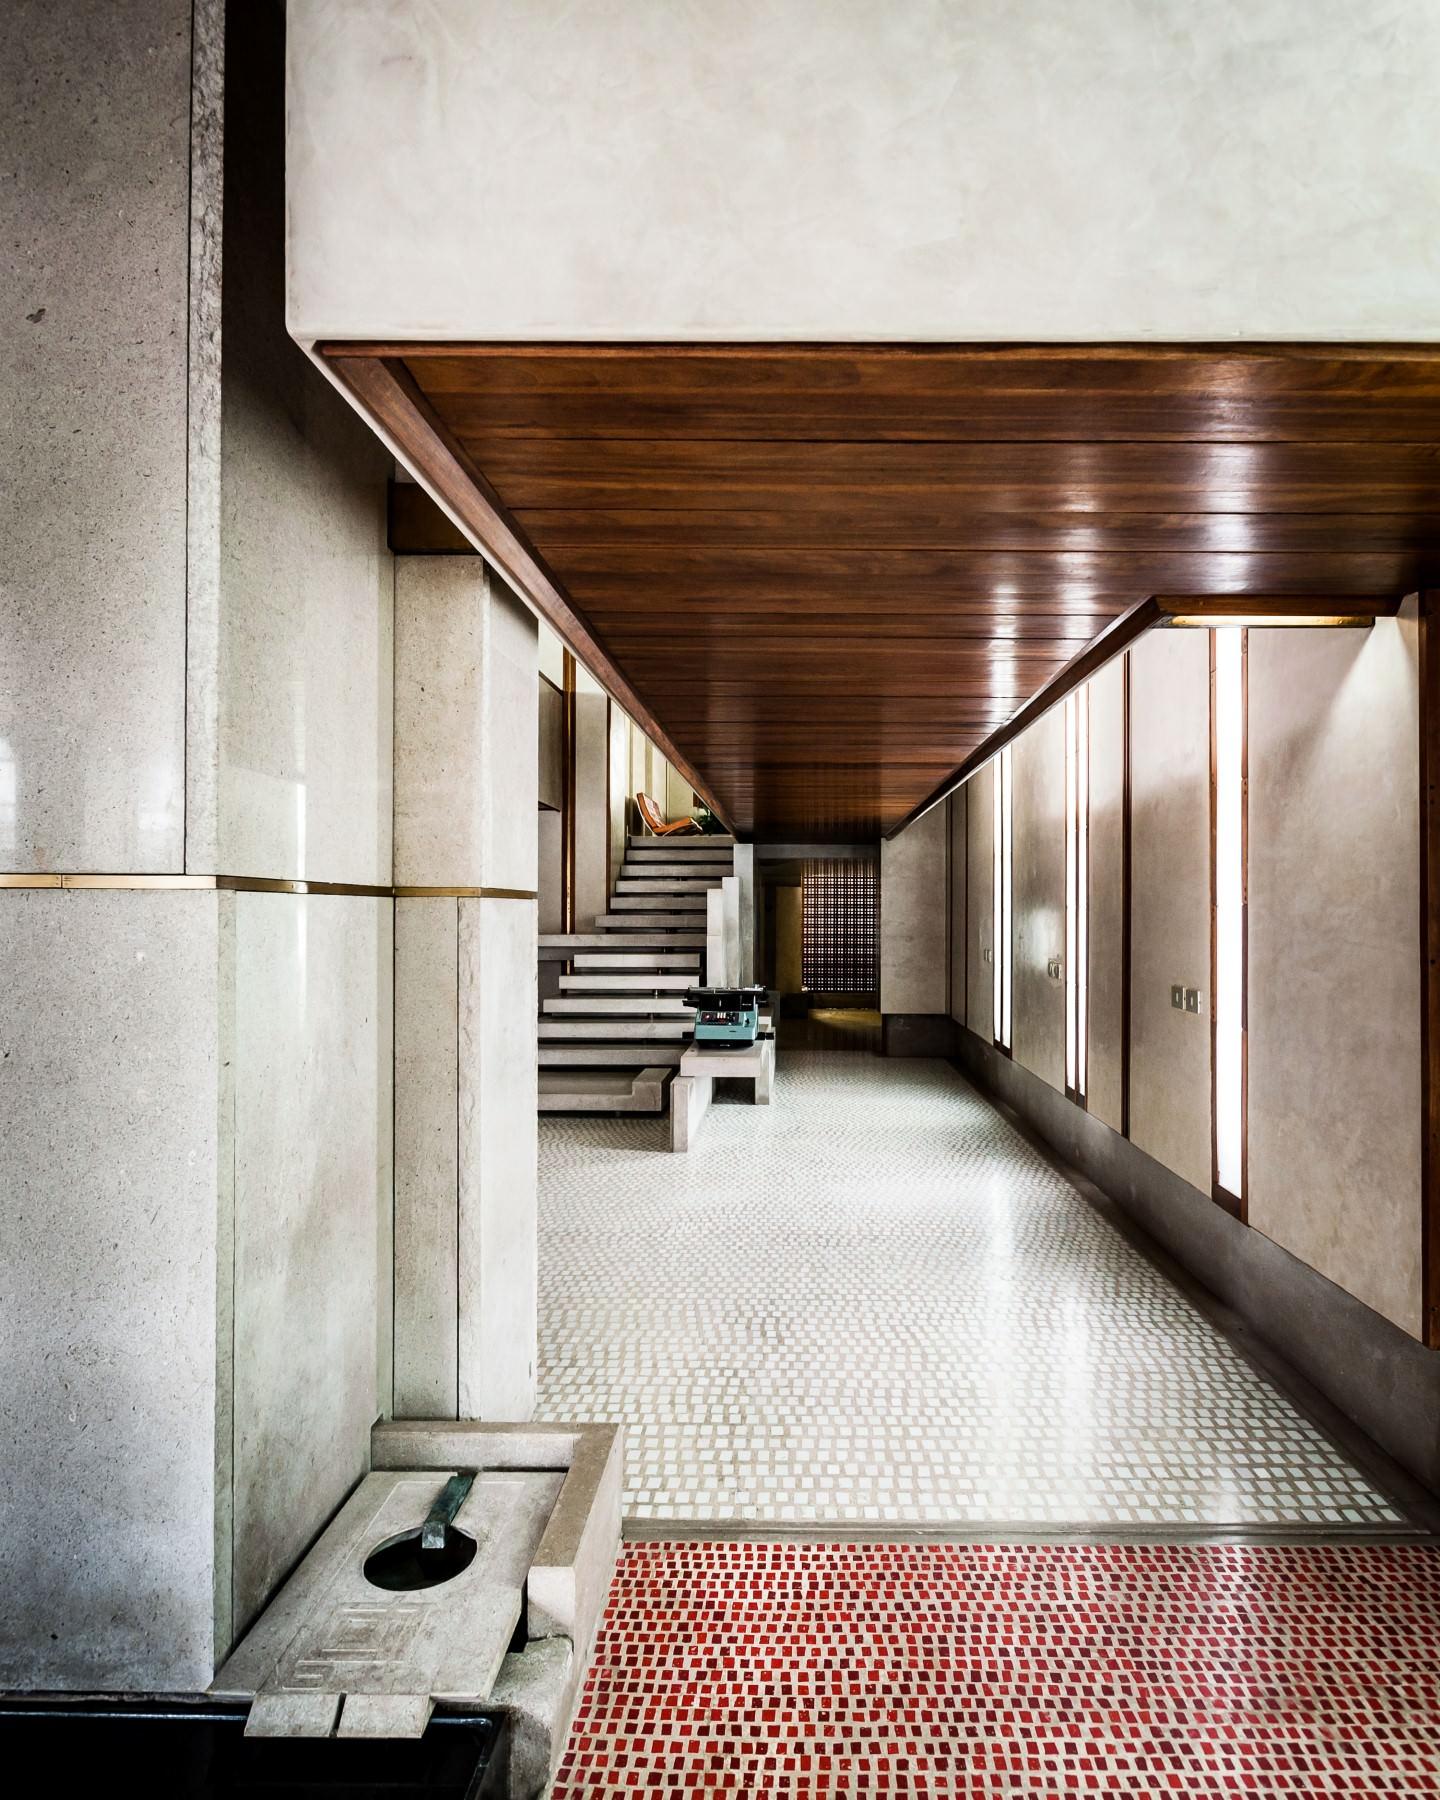 carlo-scarpa-architecture-inspiration-4